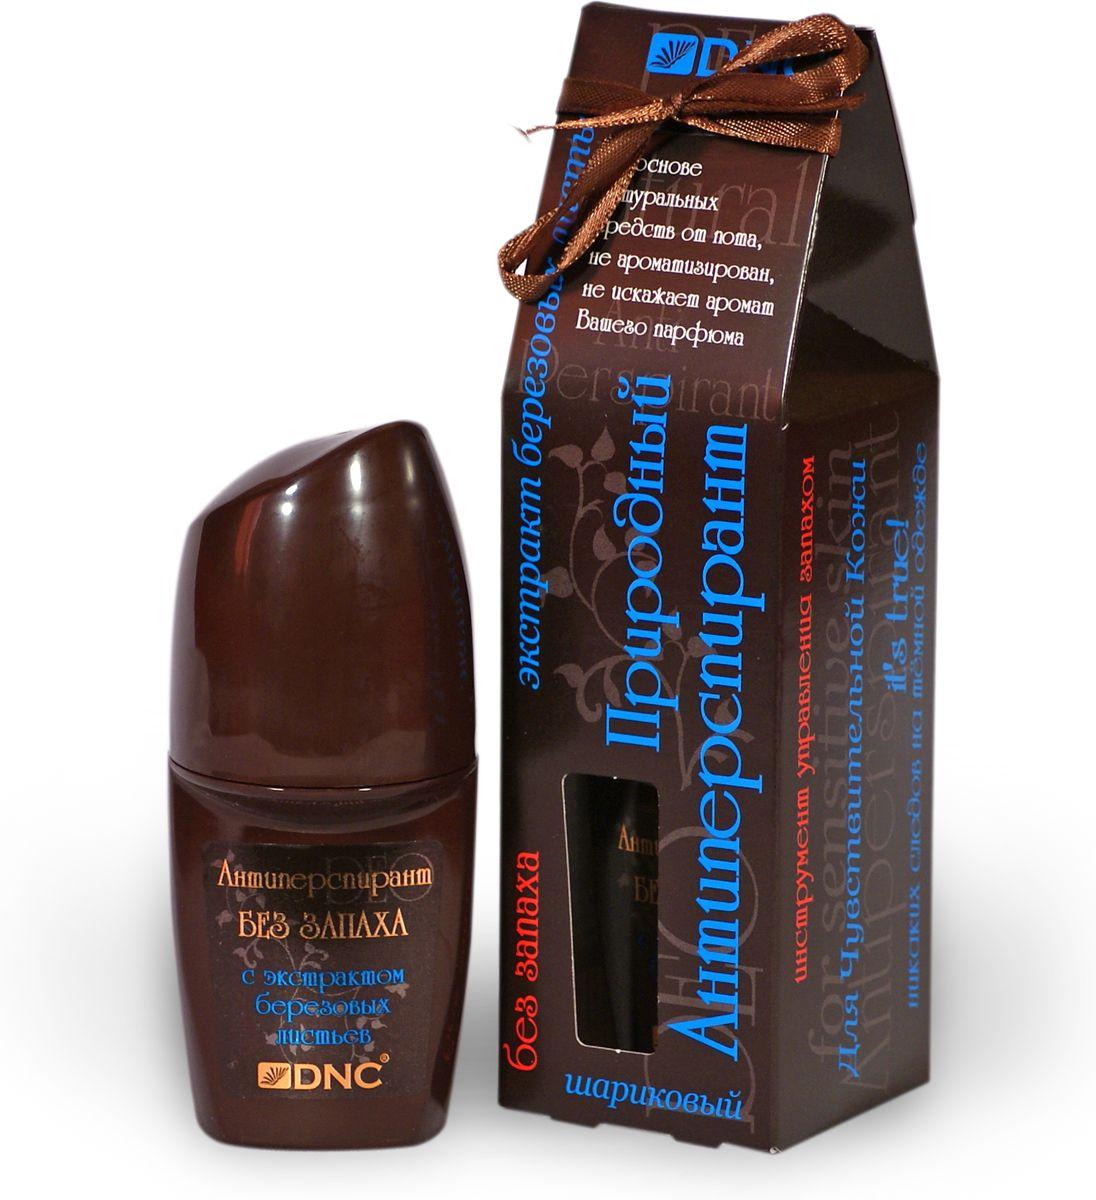 DNC Дезодорант шариковый Экстракт березовых листьев, для чувствительной кожи, без запаха, 50 мл4751006754812Дезодорант без запаха Экстракт березовых листьев предназначен для чувствительной кожи. Уменьшает выделение пота и препятствует появлению влажных пятен. Исключает возникновение запаха пота в течение 24 часов. Деликатно и действенно - на основе природных компонентов. Легко наносится и быстро высыхает, не оставляя следов на коже. Не содержит парфюмерных отдушек. Характеристики: Объем: 50 мл. Производитель: Россия. Товар сертифицирован.